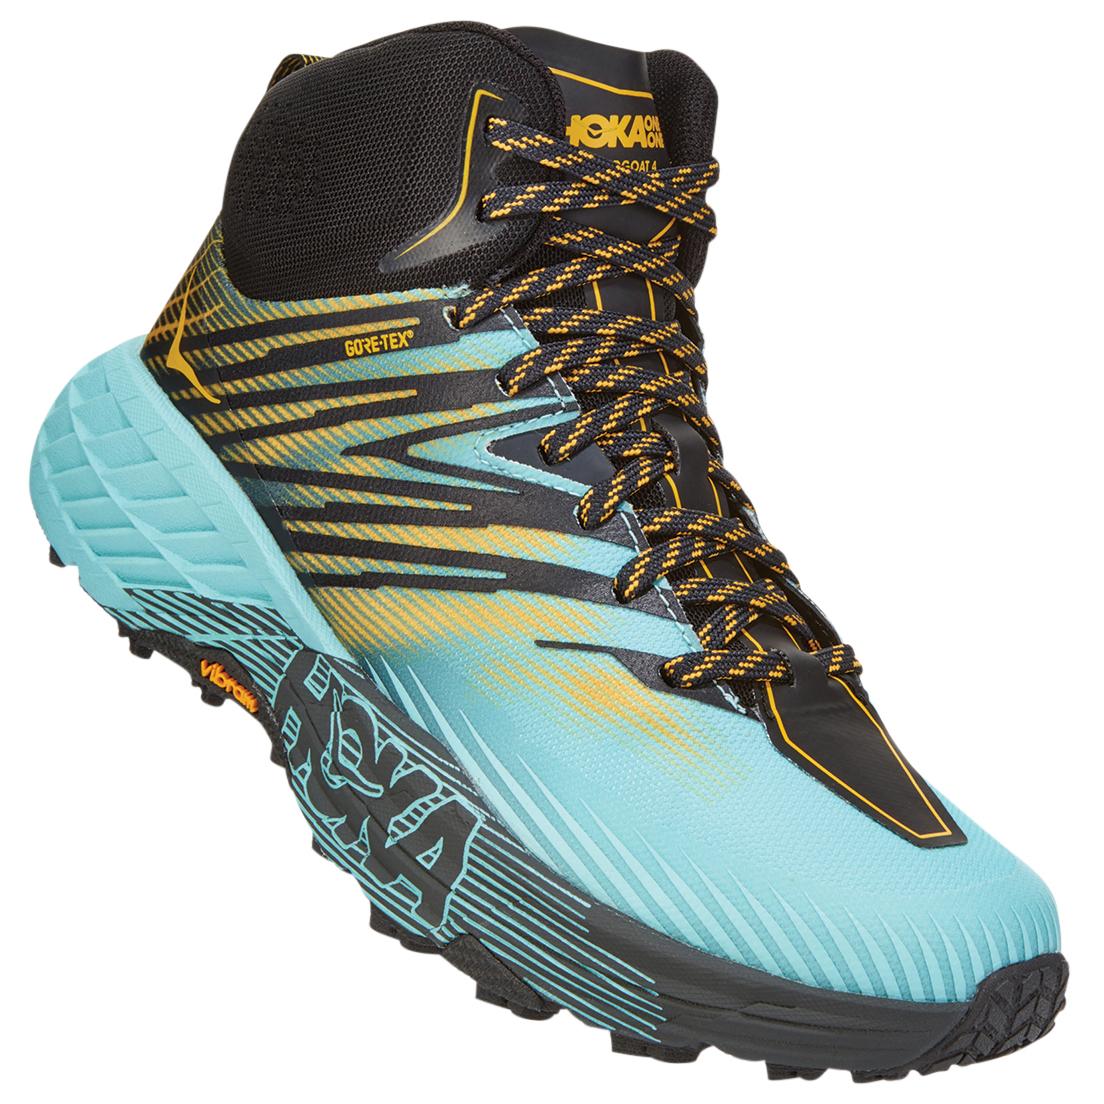 Speedgoat Mid 2 GTX - Walking boots